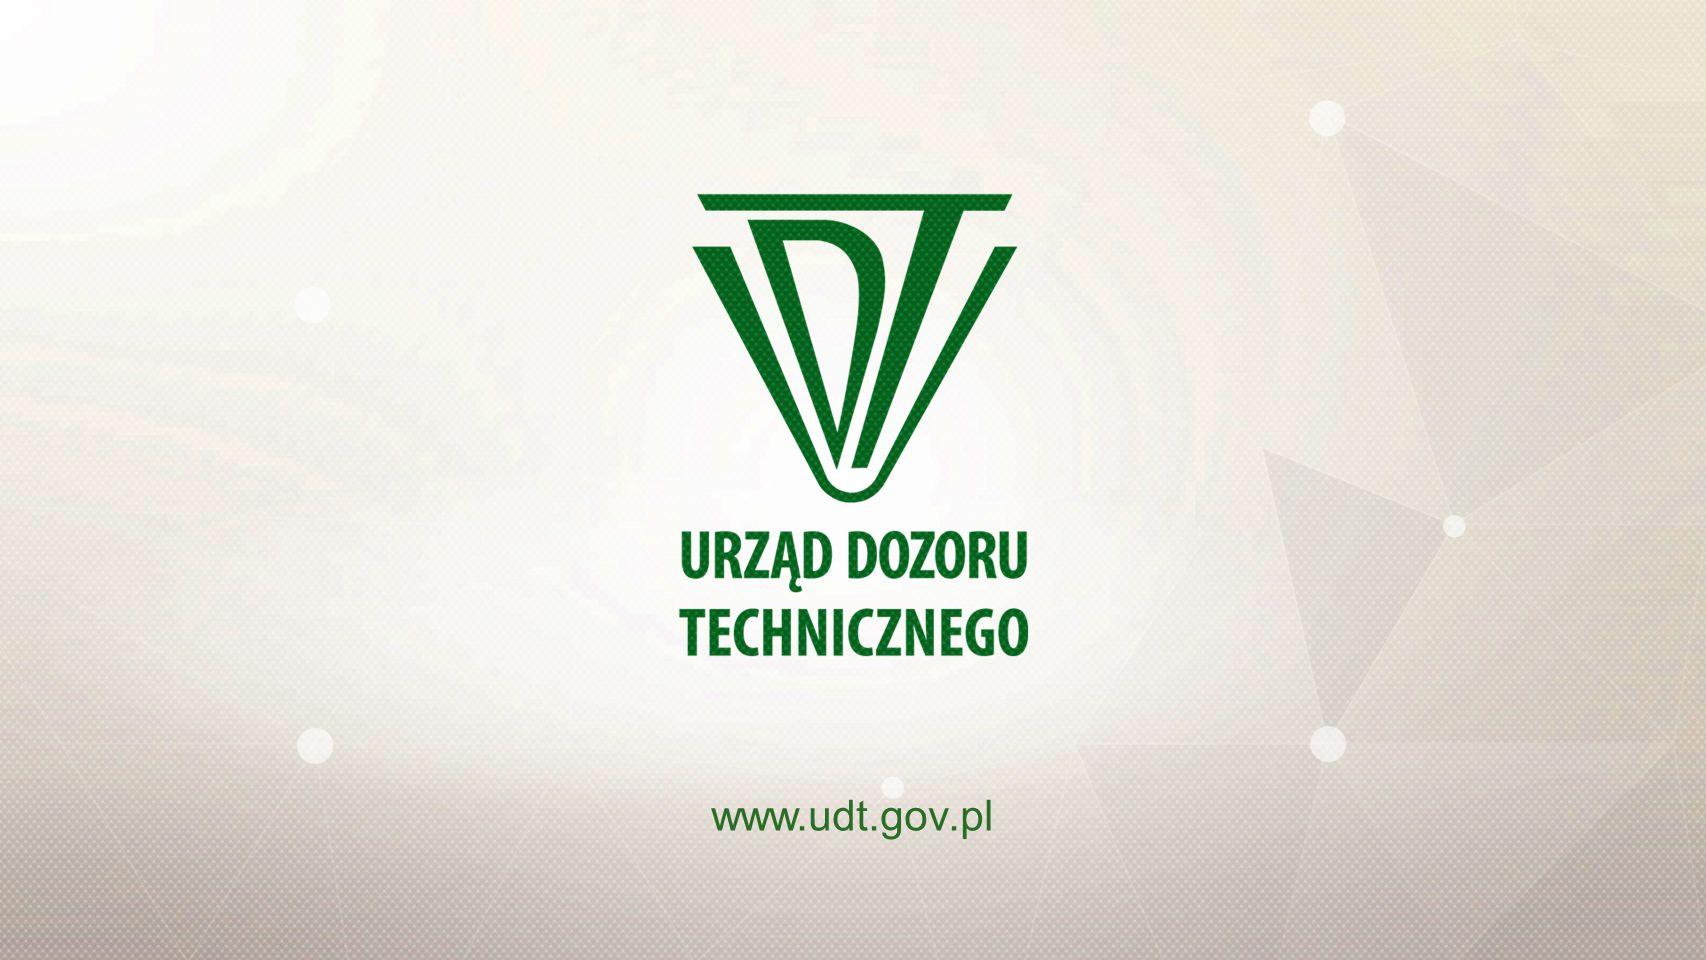 www.udt.gov.pl